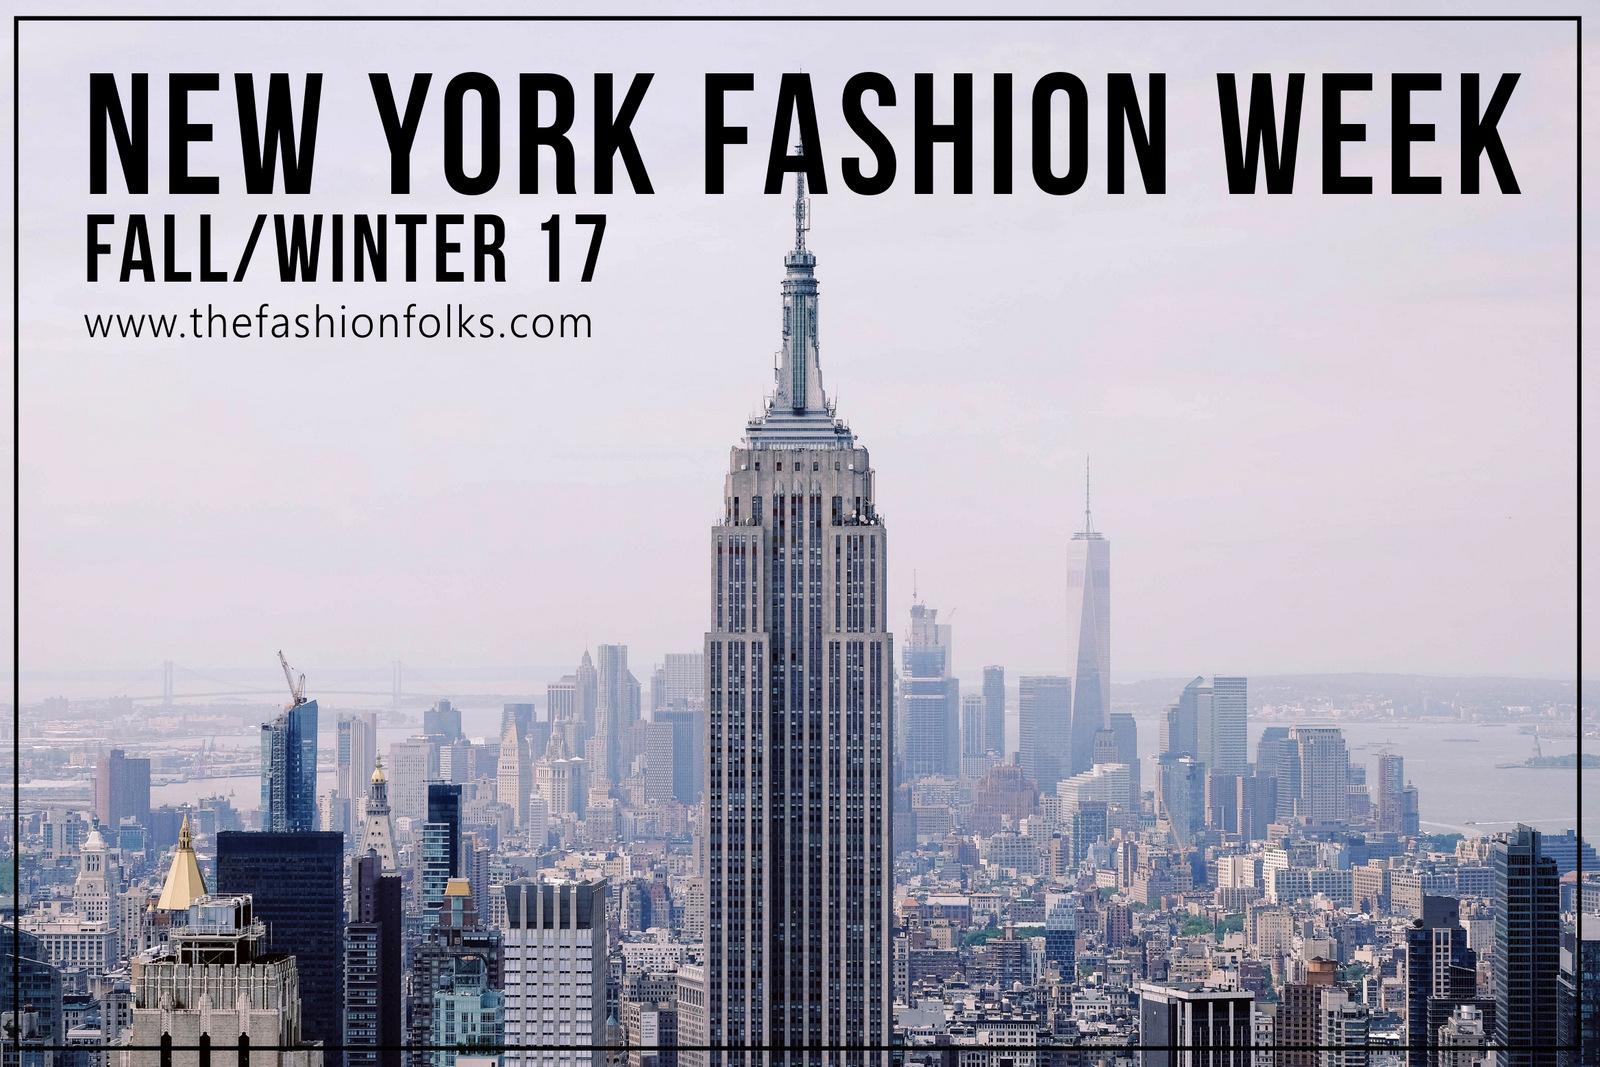 New York Fashion Week Fall 2017 | The Fashion Folks